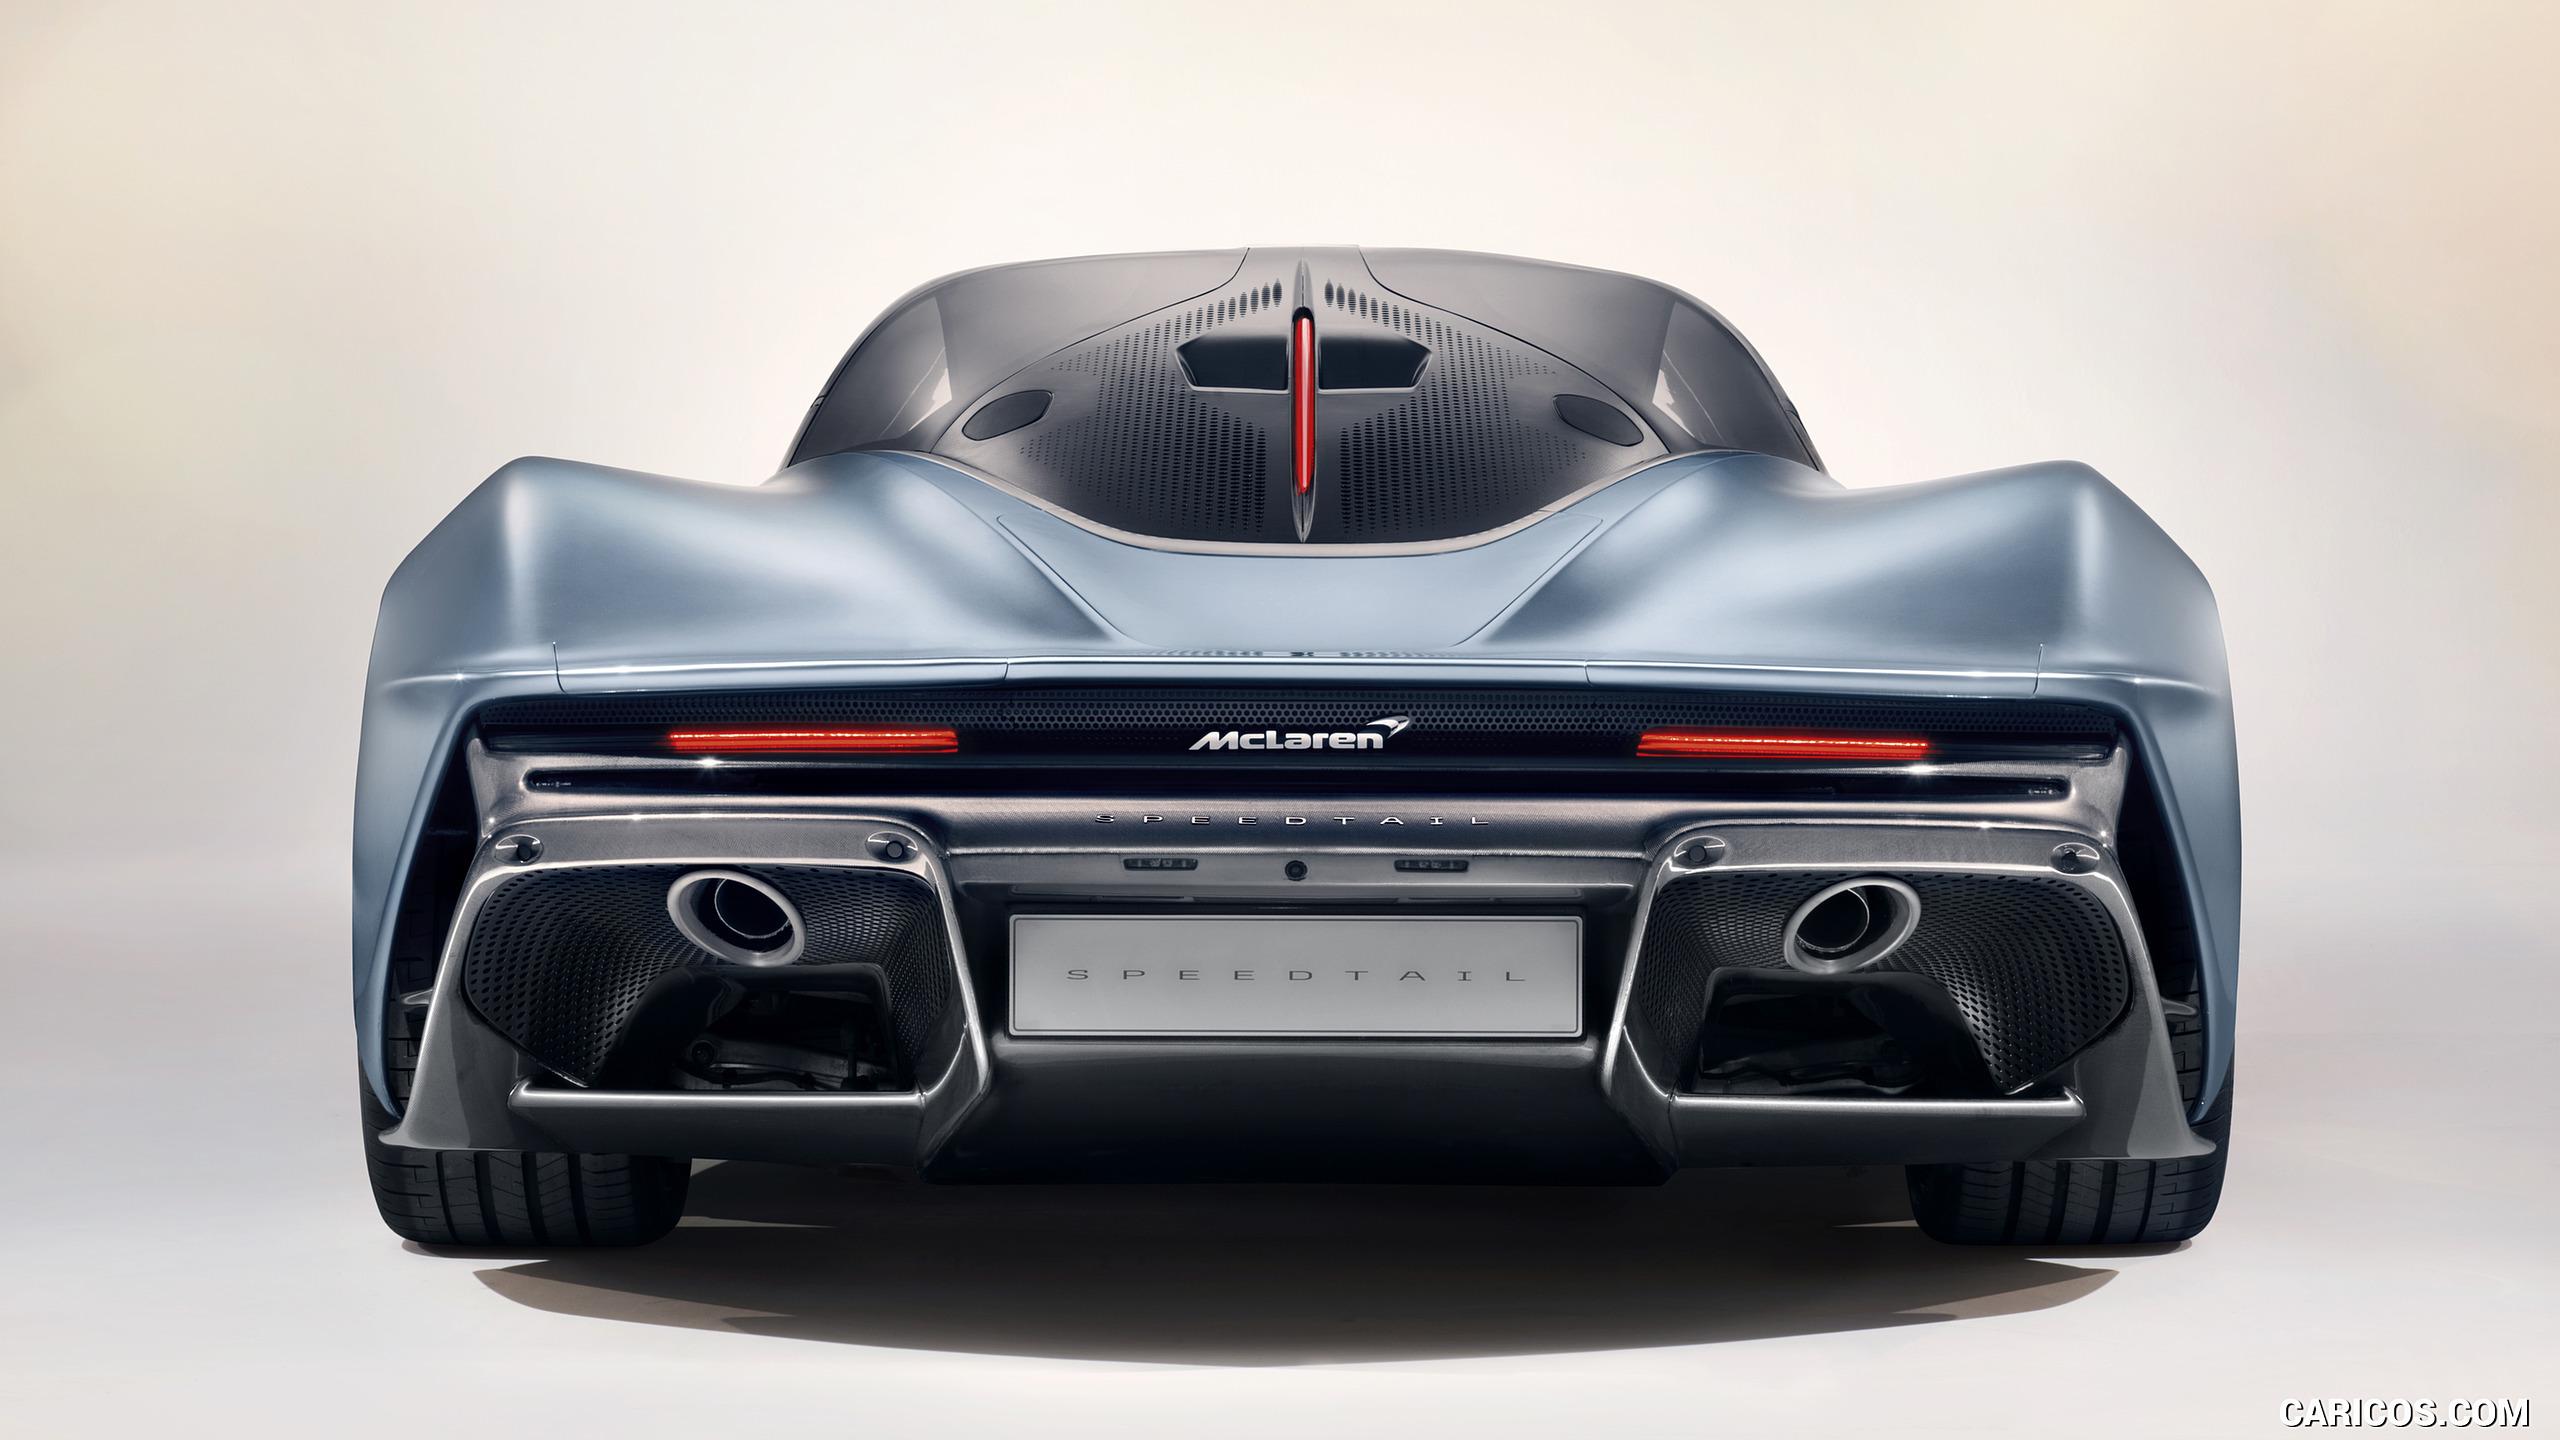 2019 McLaren Speedtail   Rear HD Wallpaper 7 2560x1440